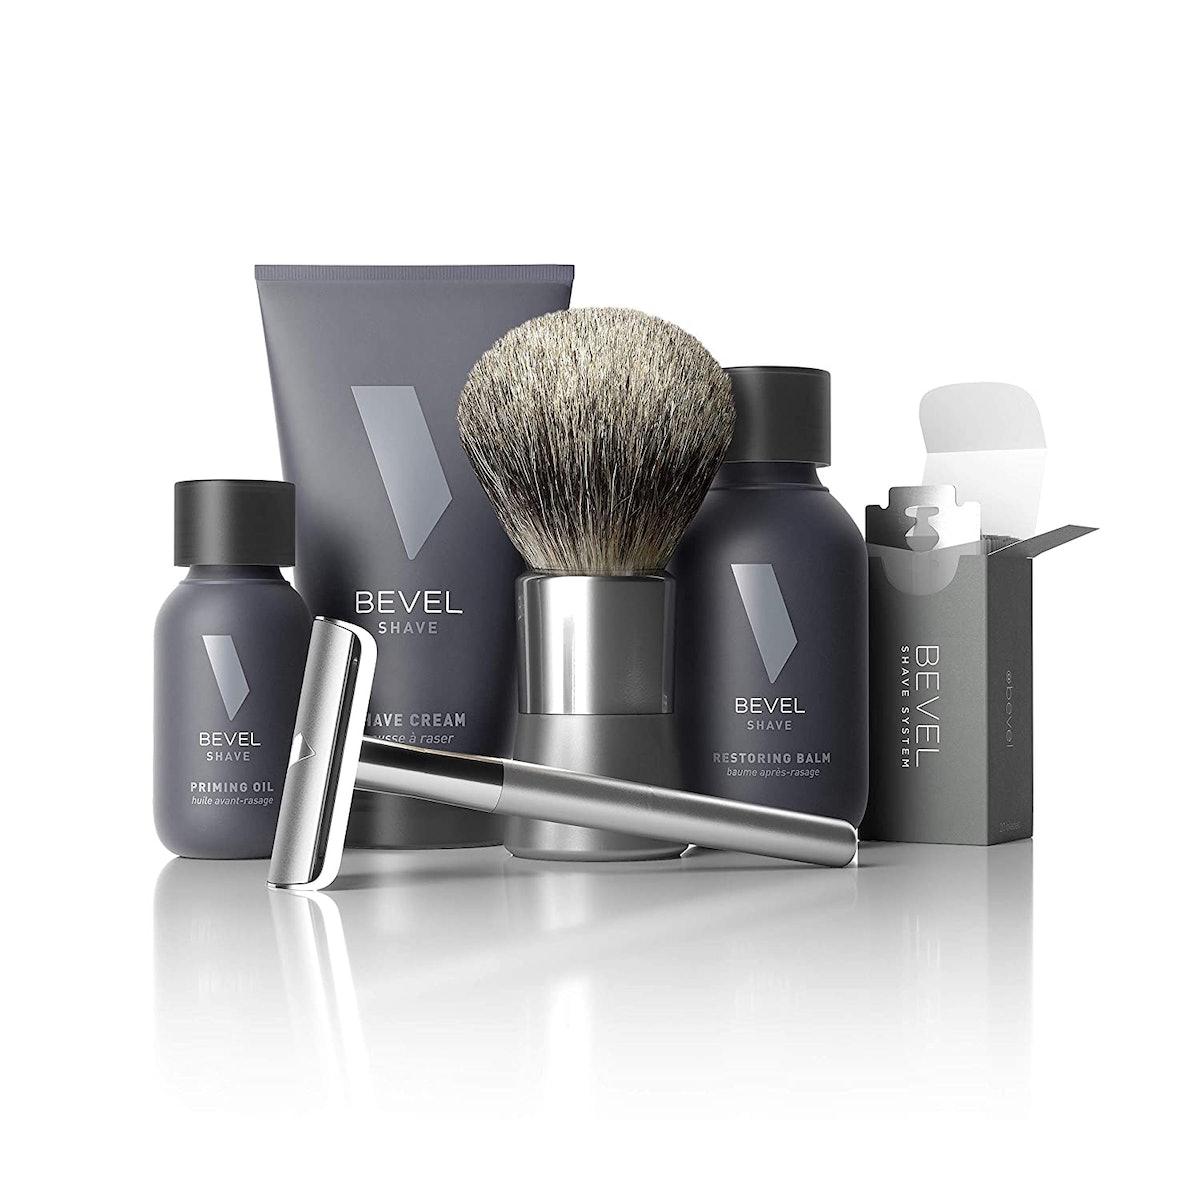 Bevel Shave Starter Kit